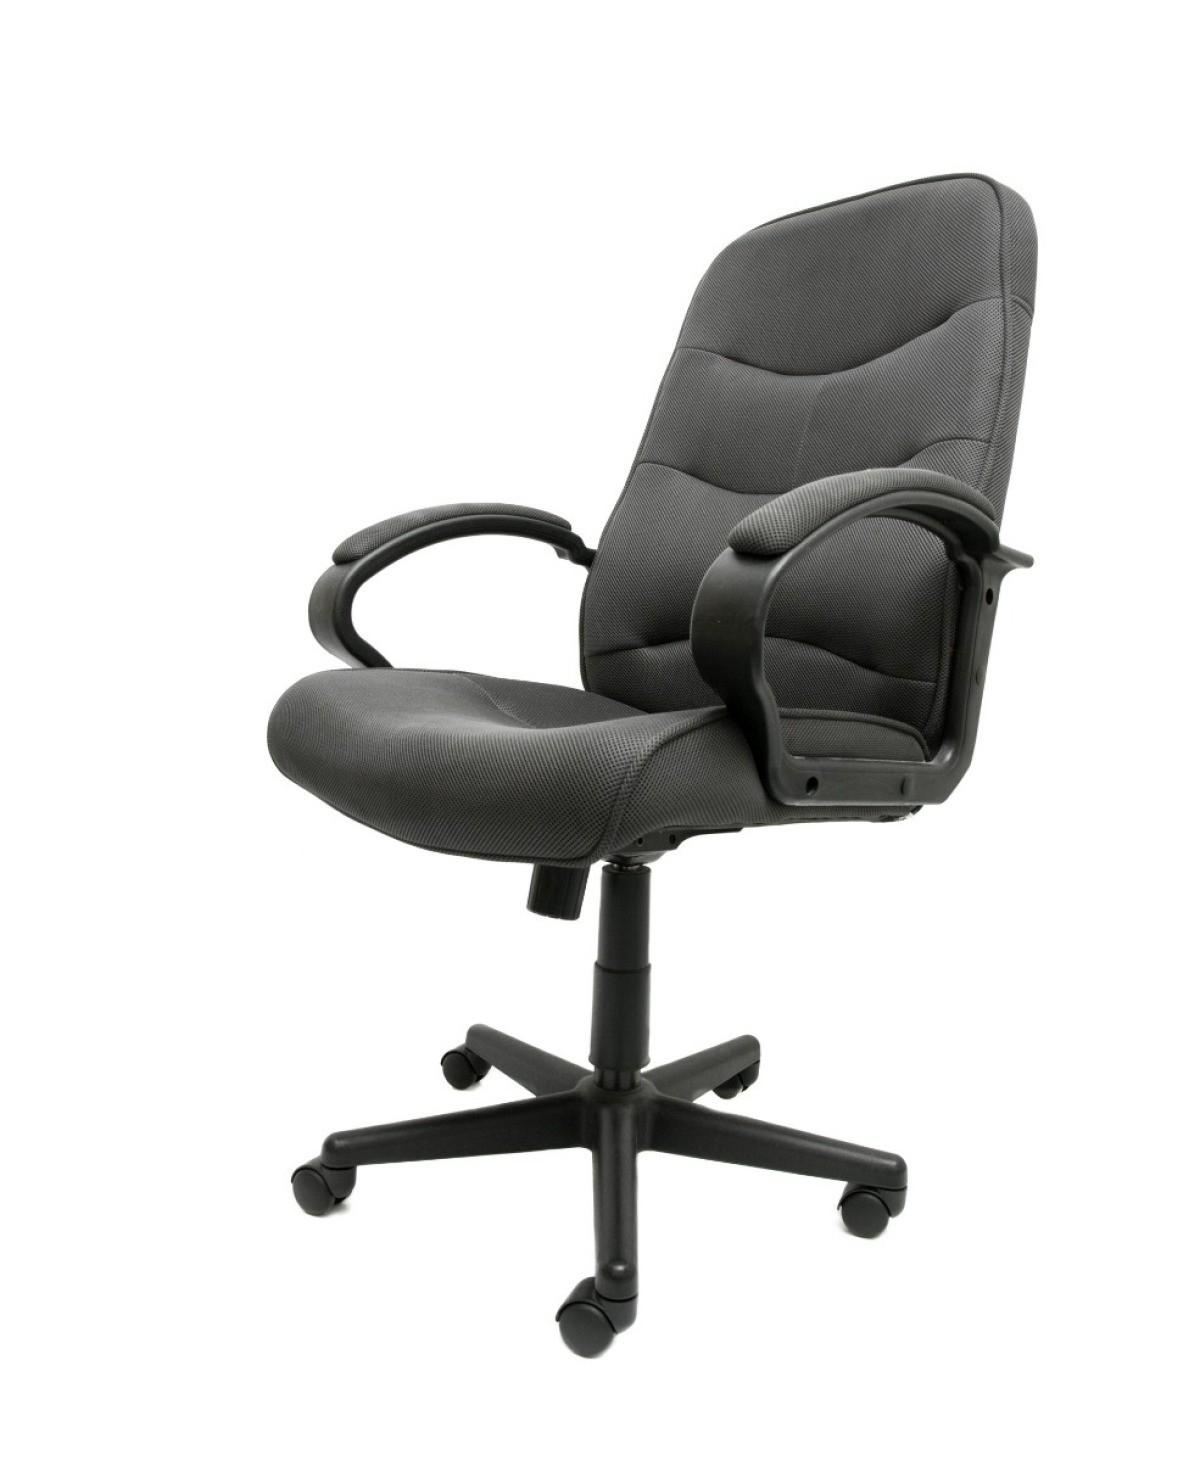 Inexpensive Chair Mat Ideas  ThriftyFun